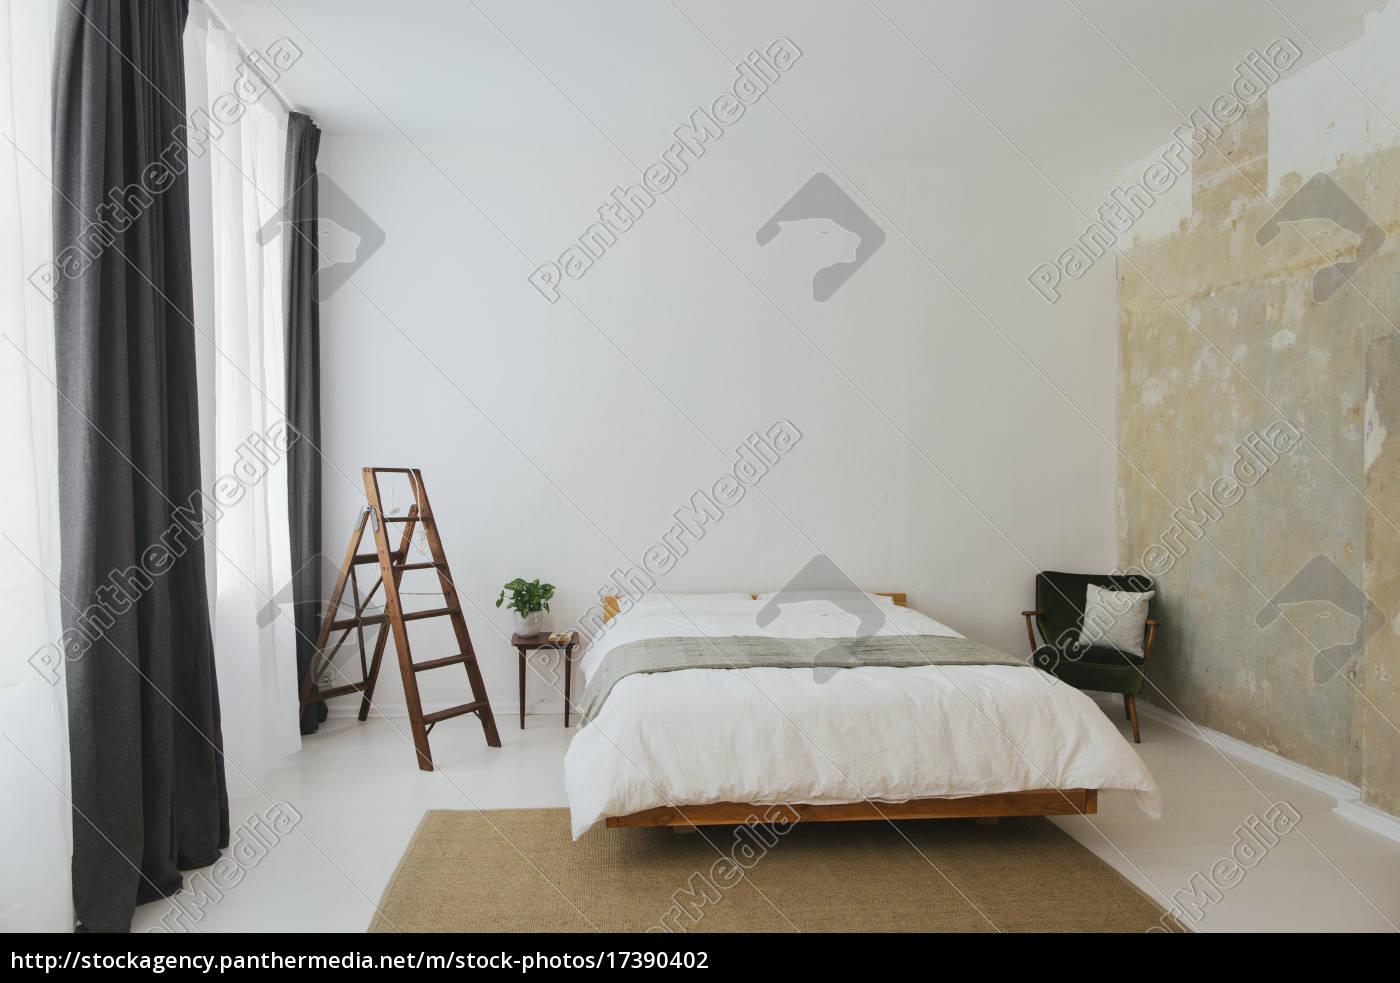 minimalistisches, skandinavisches, design-schlafzimmer - 17390402